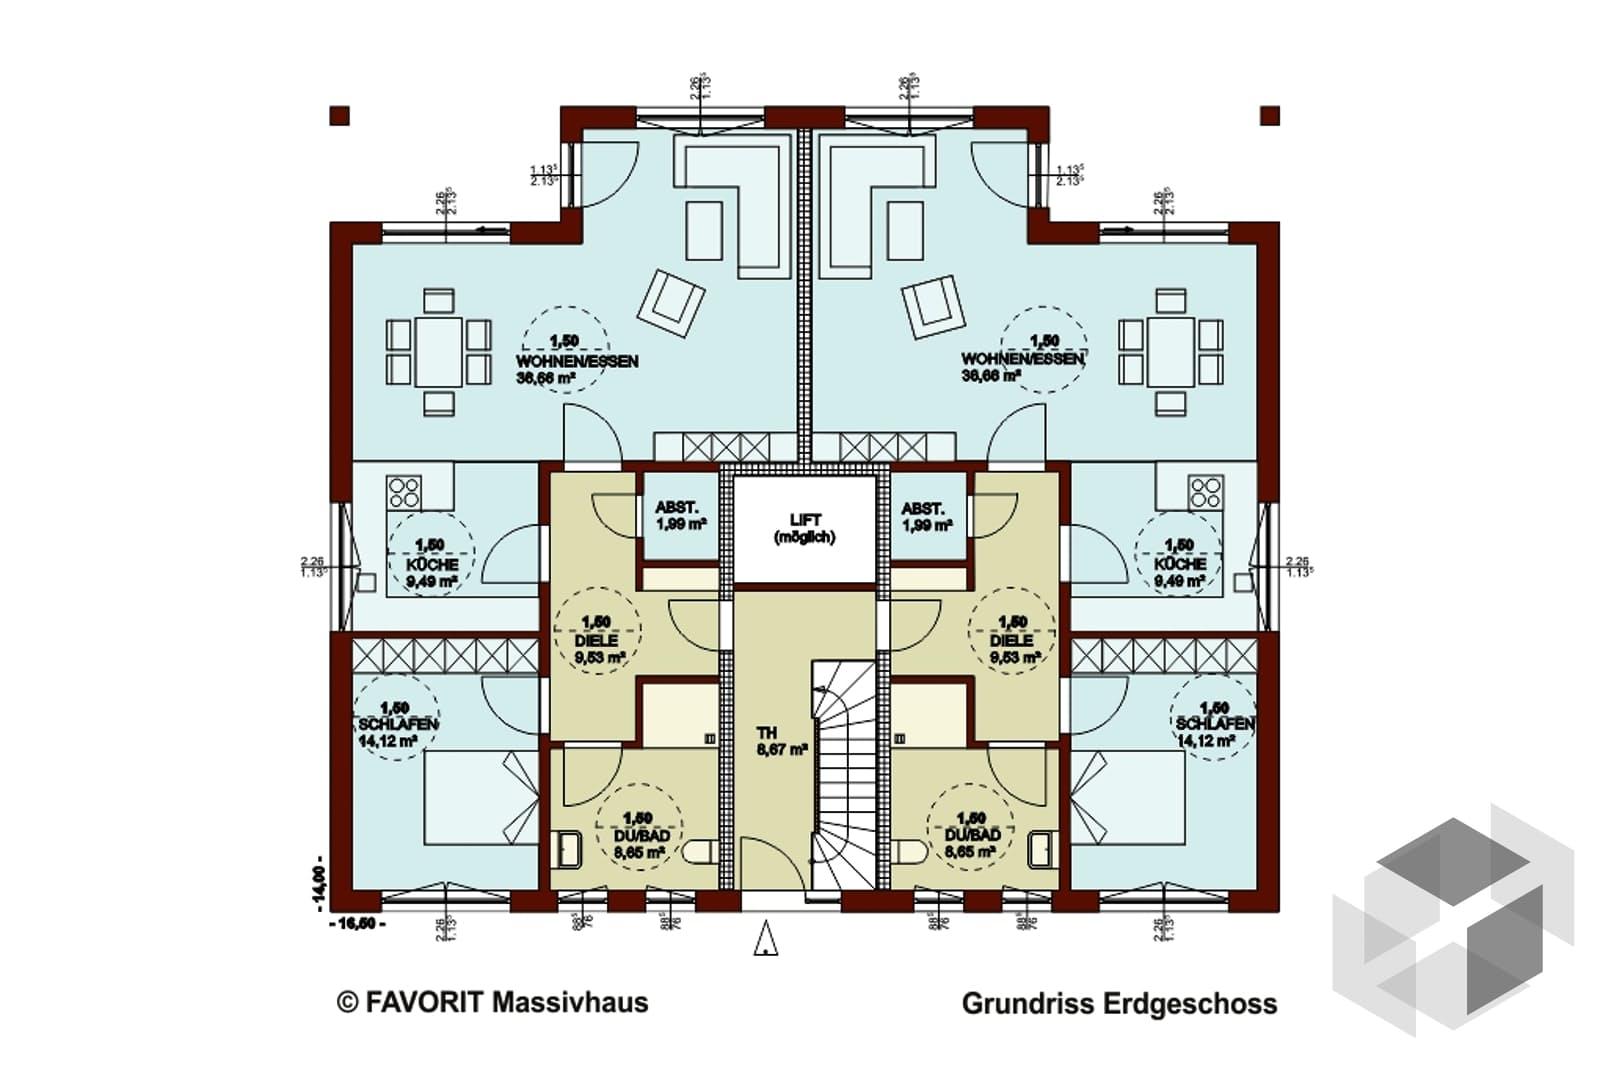 mehrfamilienhaus format   von favorit massivhaus